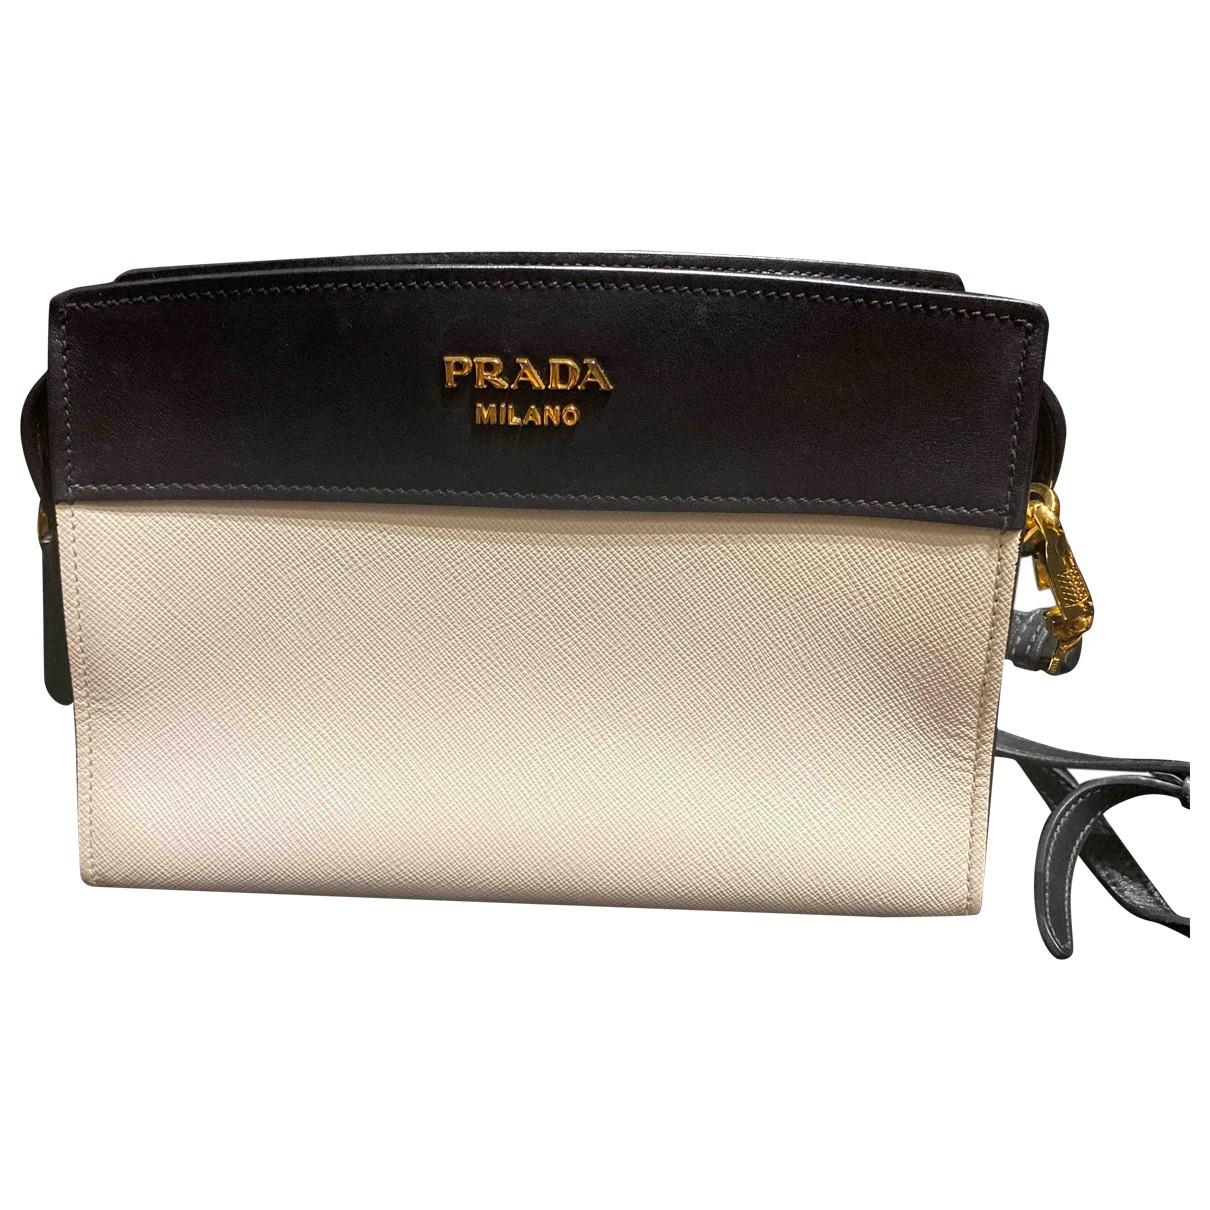 Prada - Sac a main Esplanade pour femme en cuir - blanc